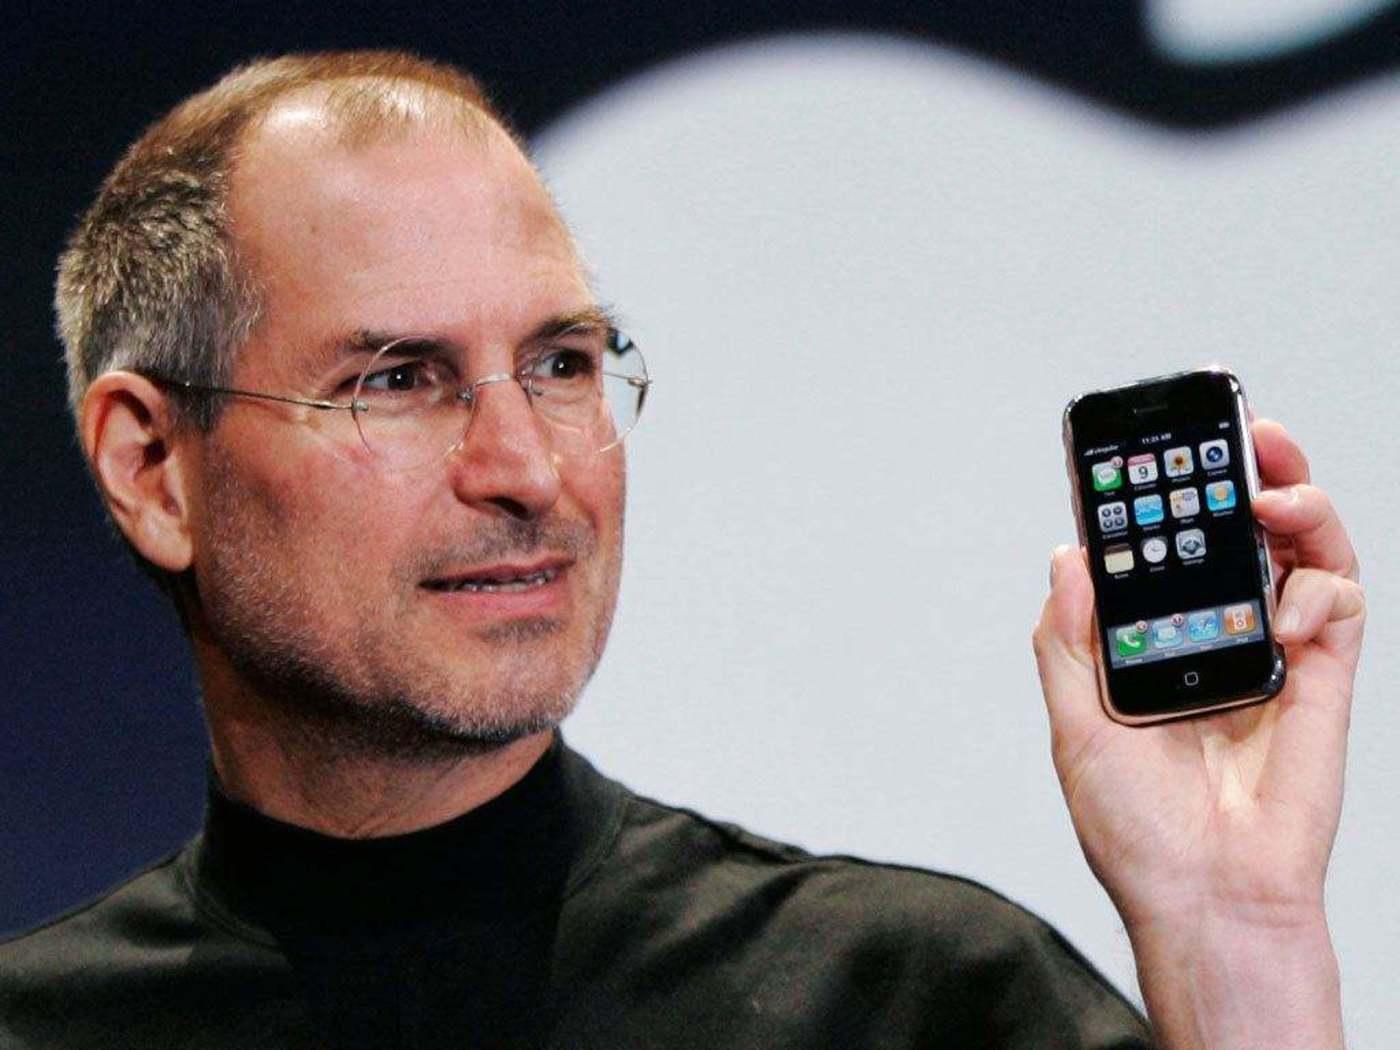 初代iPhone带来了全新的操作方式与应用场景